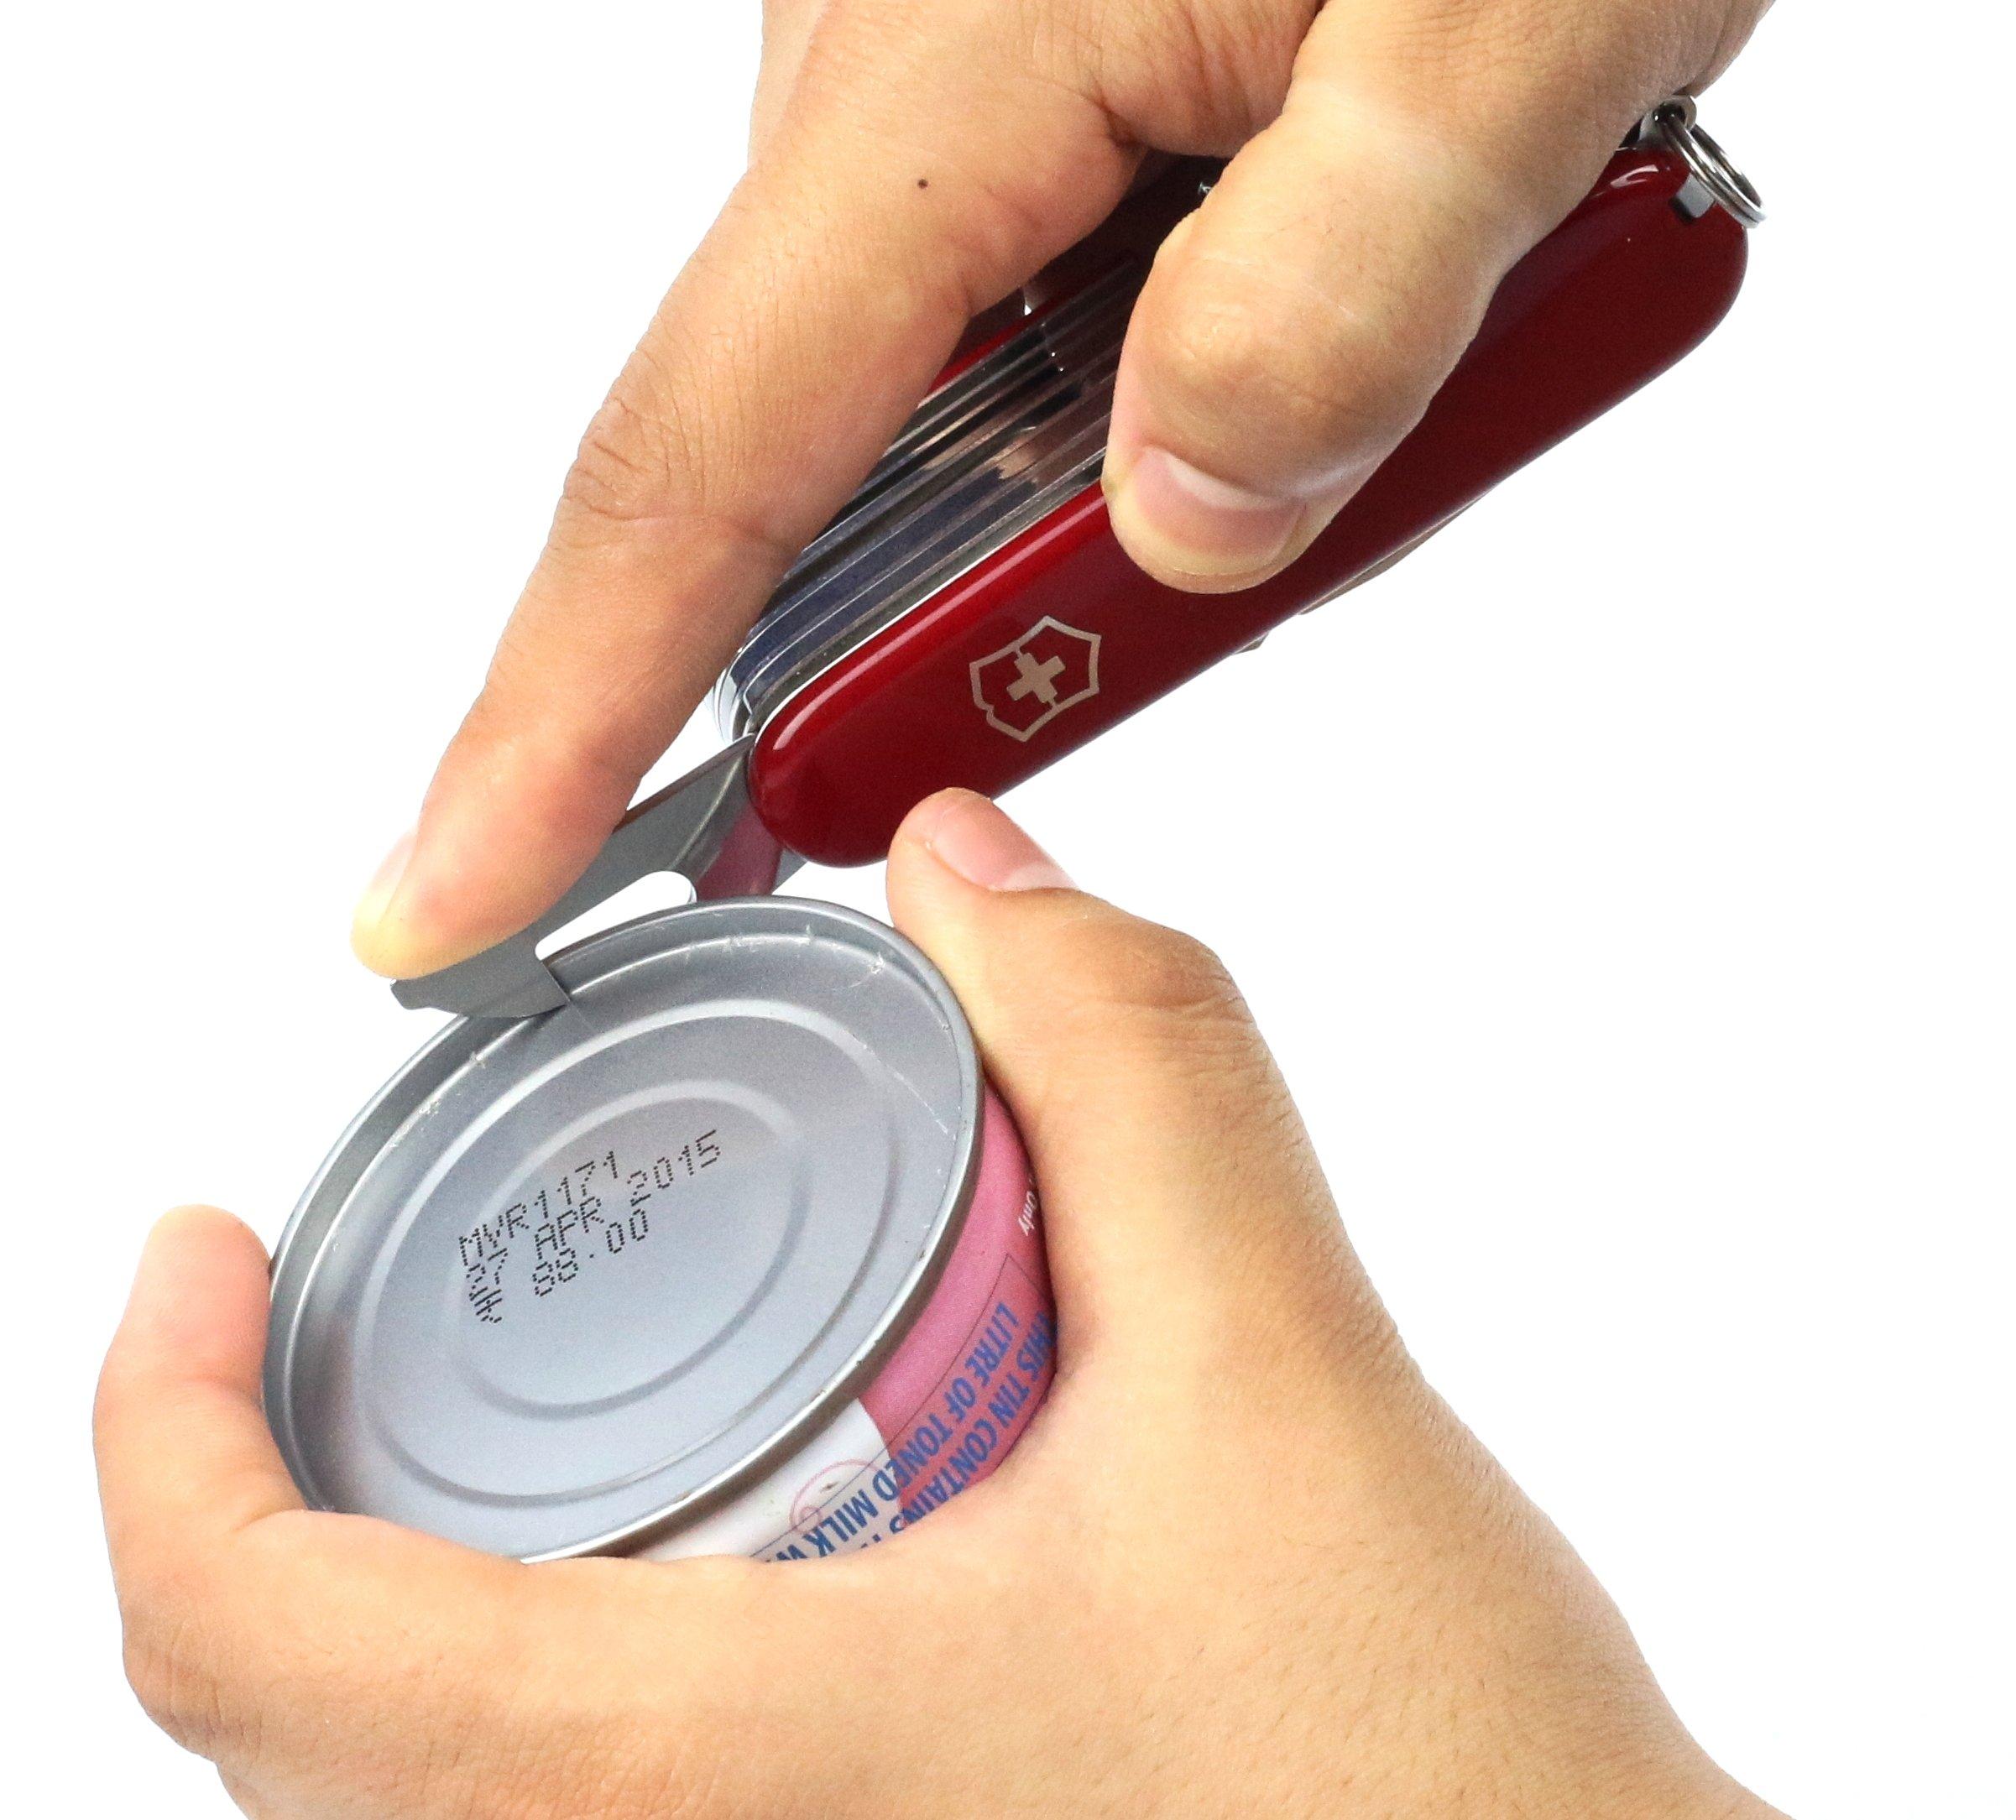 Victorinox Taschenwerkzeug Offiziersmesser Swiss Champ Rot Swisschamp Officer's Knife, Red, 91mm 13